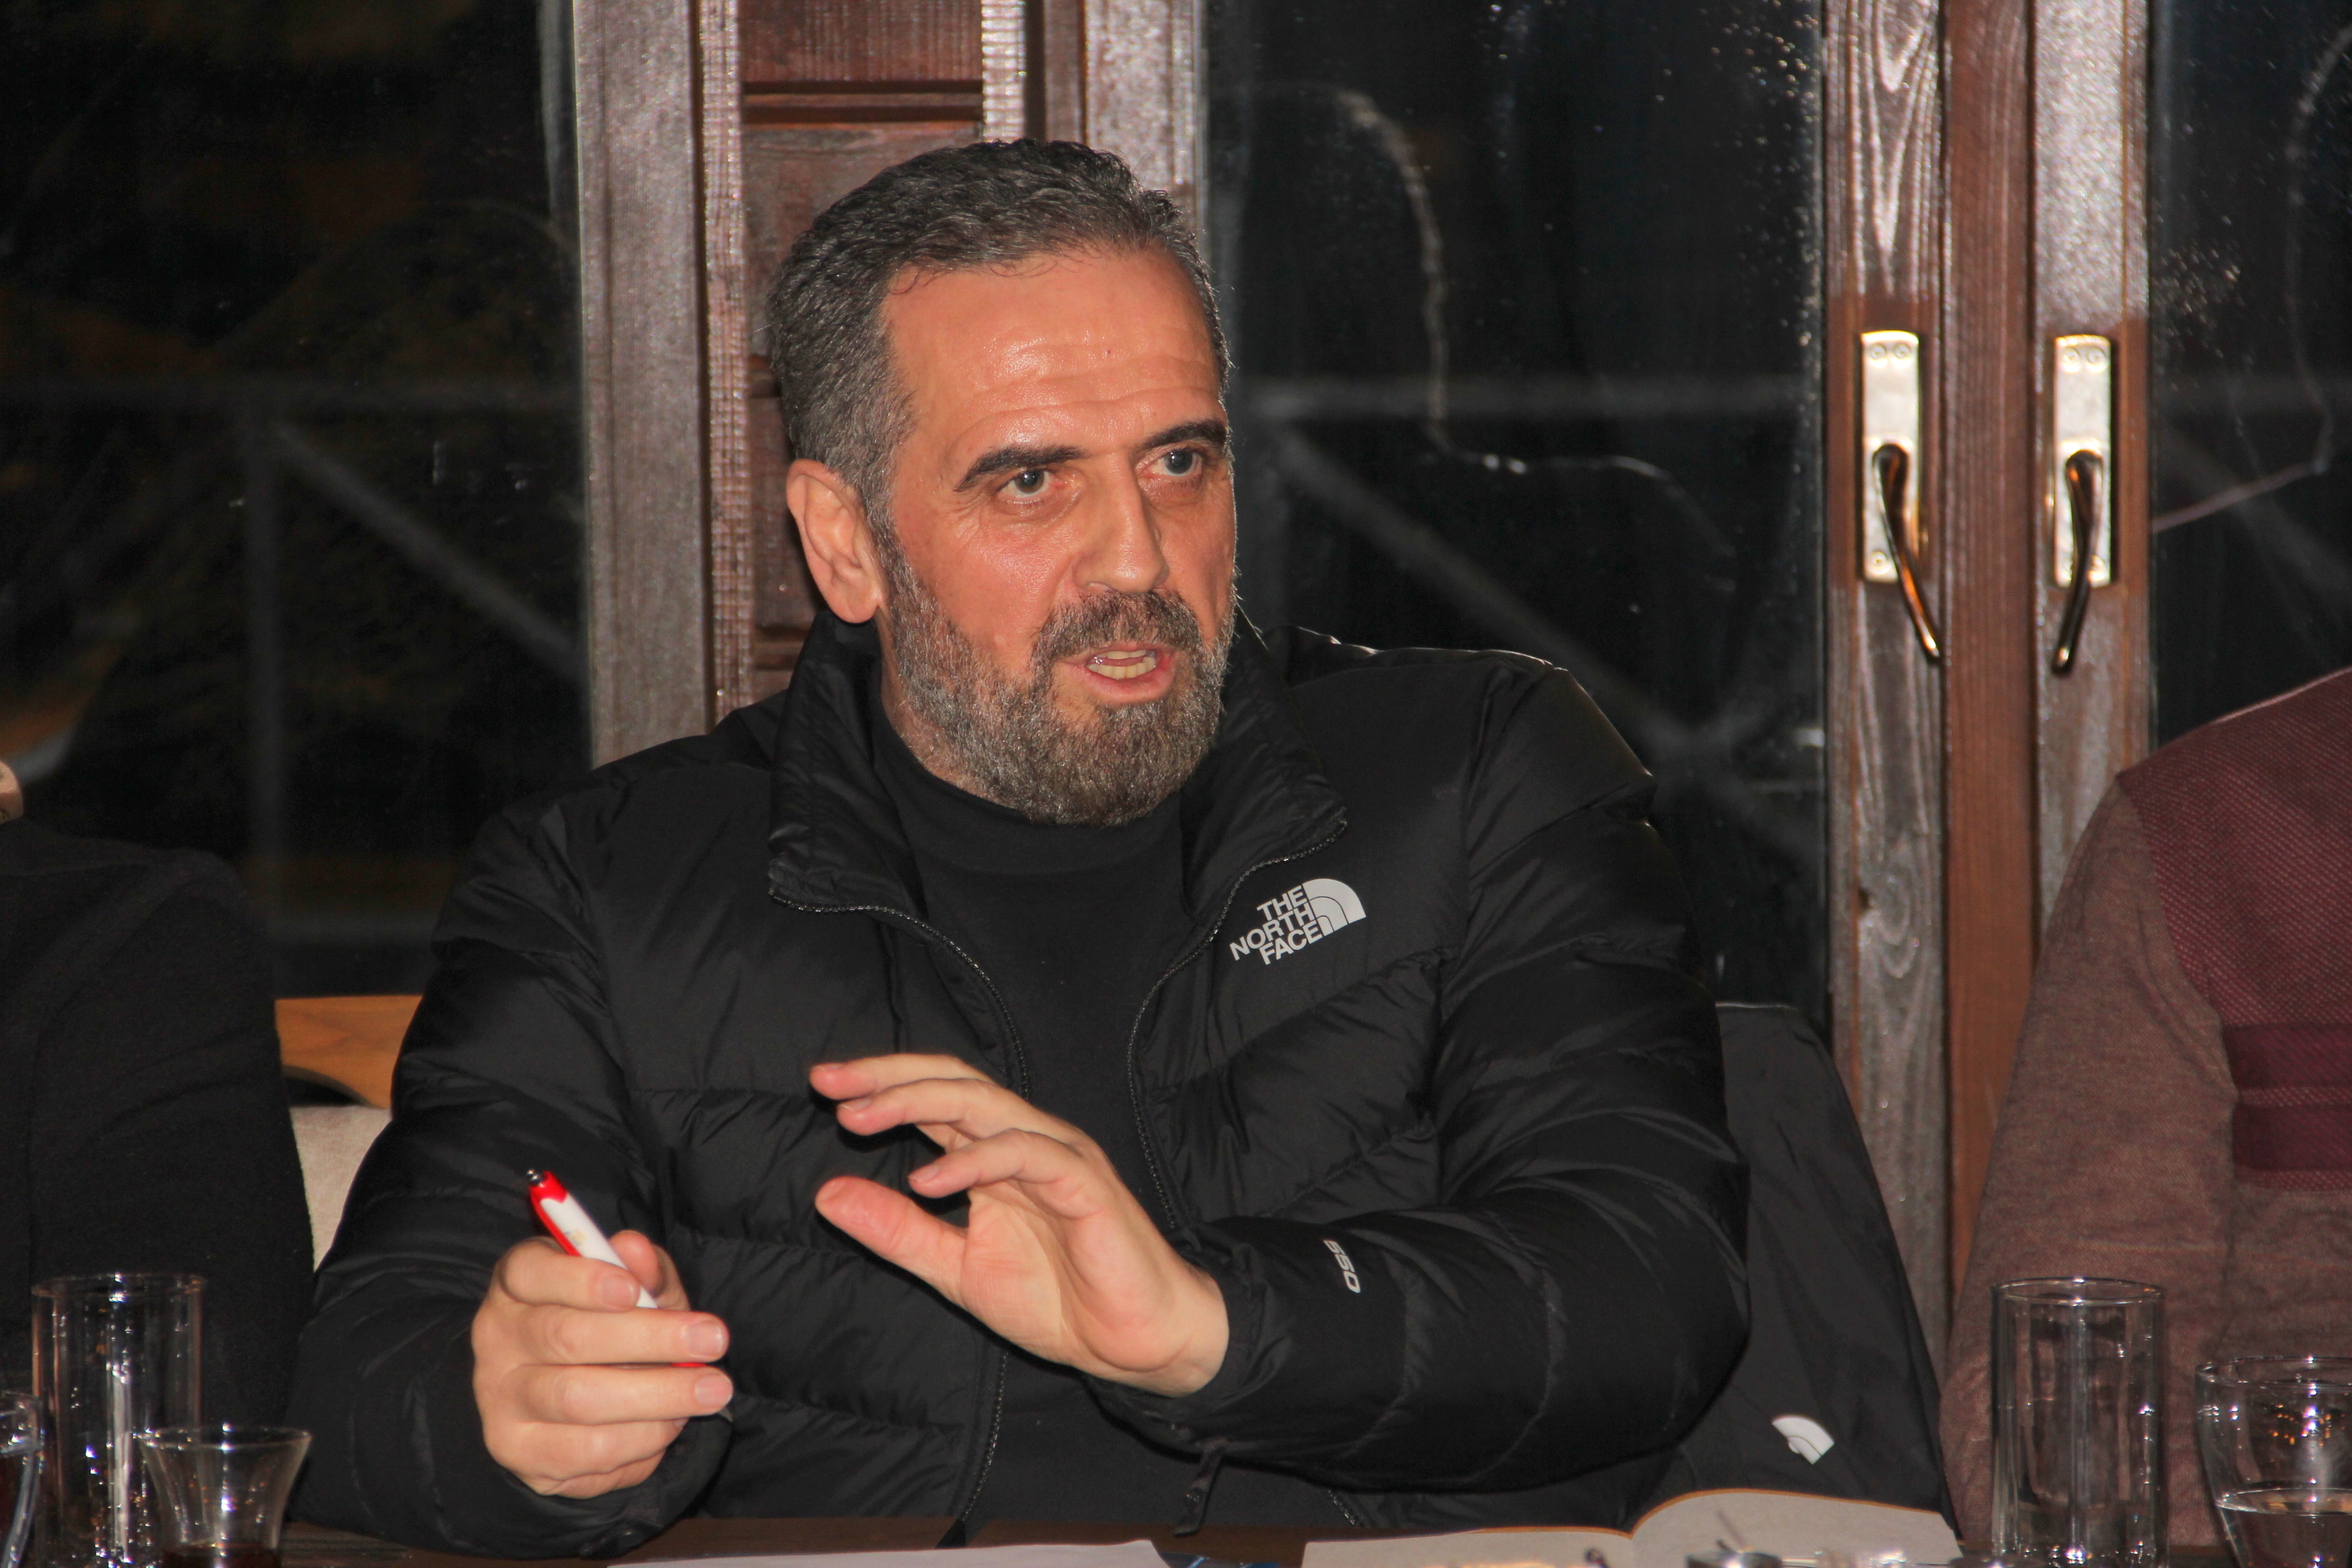 Hanefi Dilmaç: Beykoz'da siyaset yapmaya devam edeceğim!